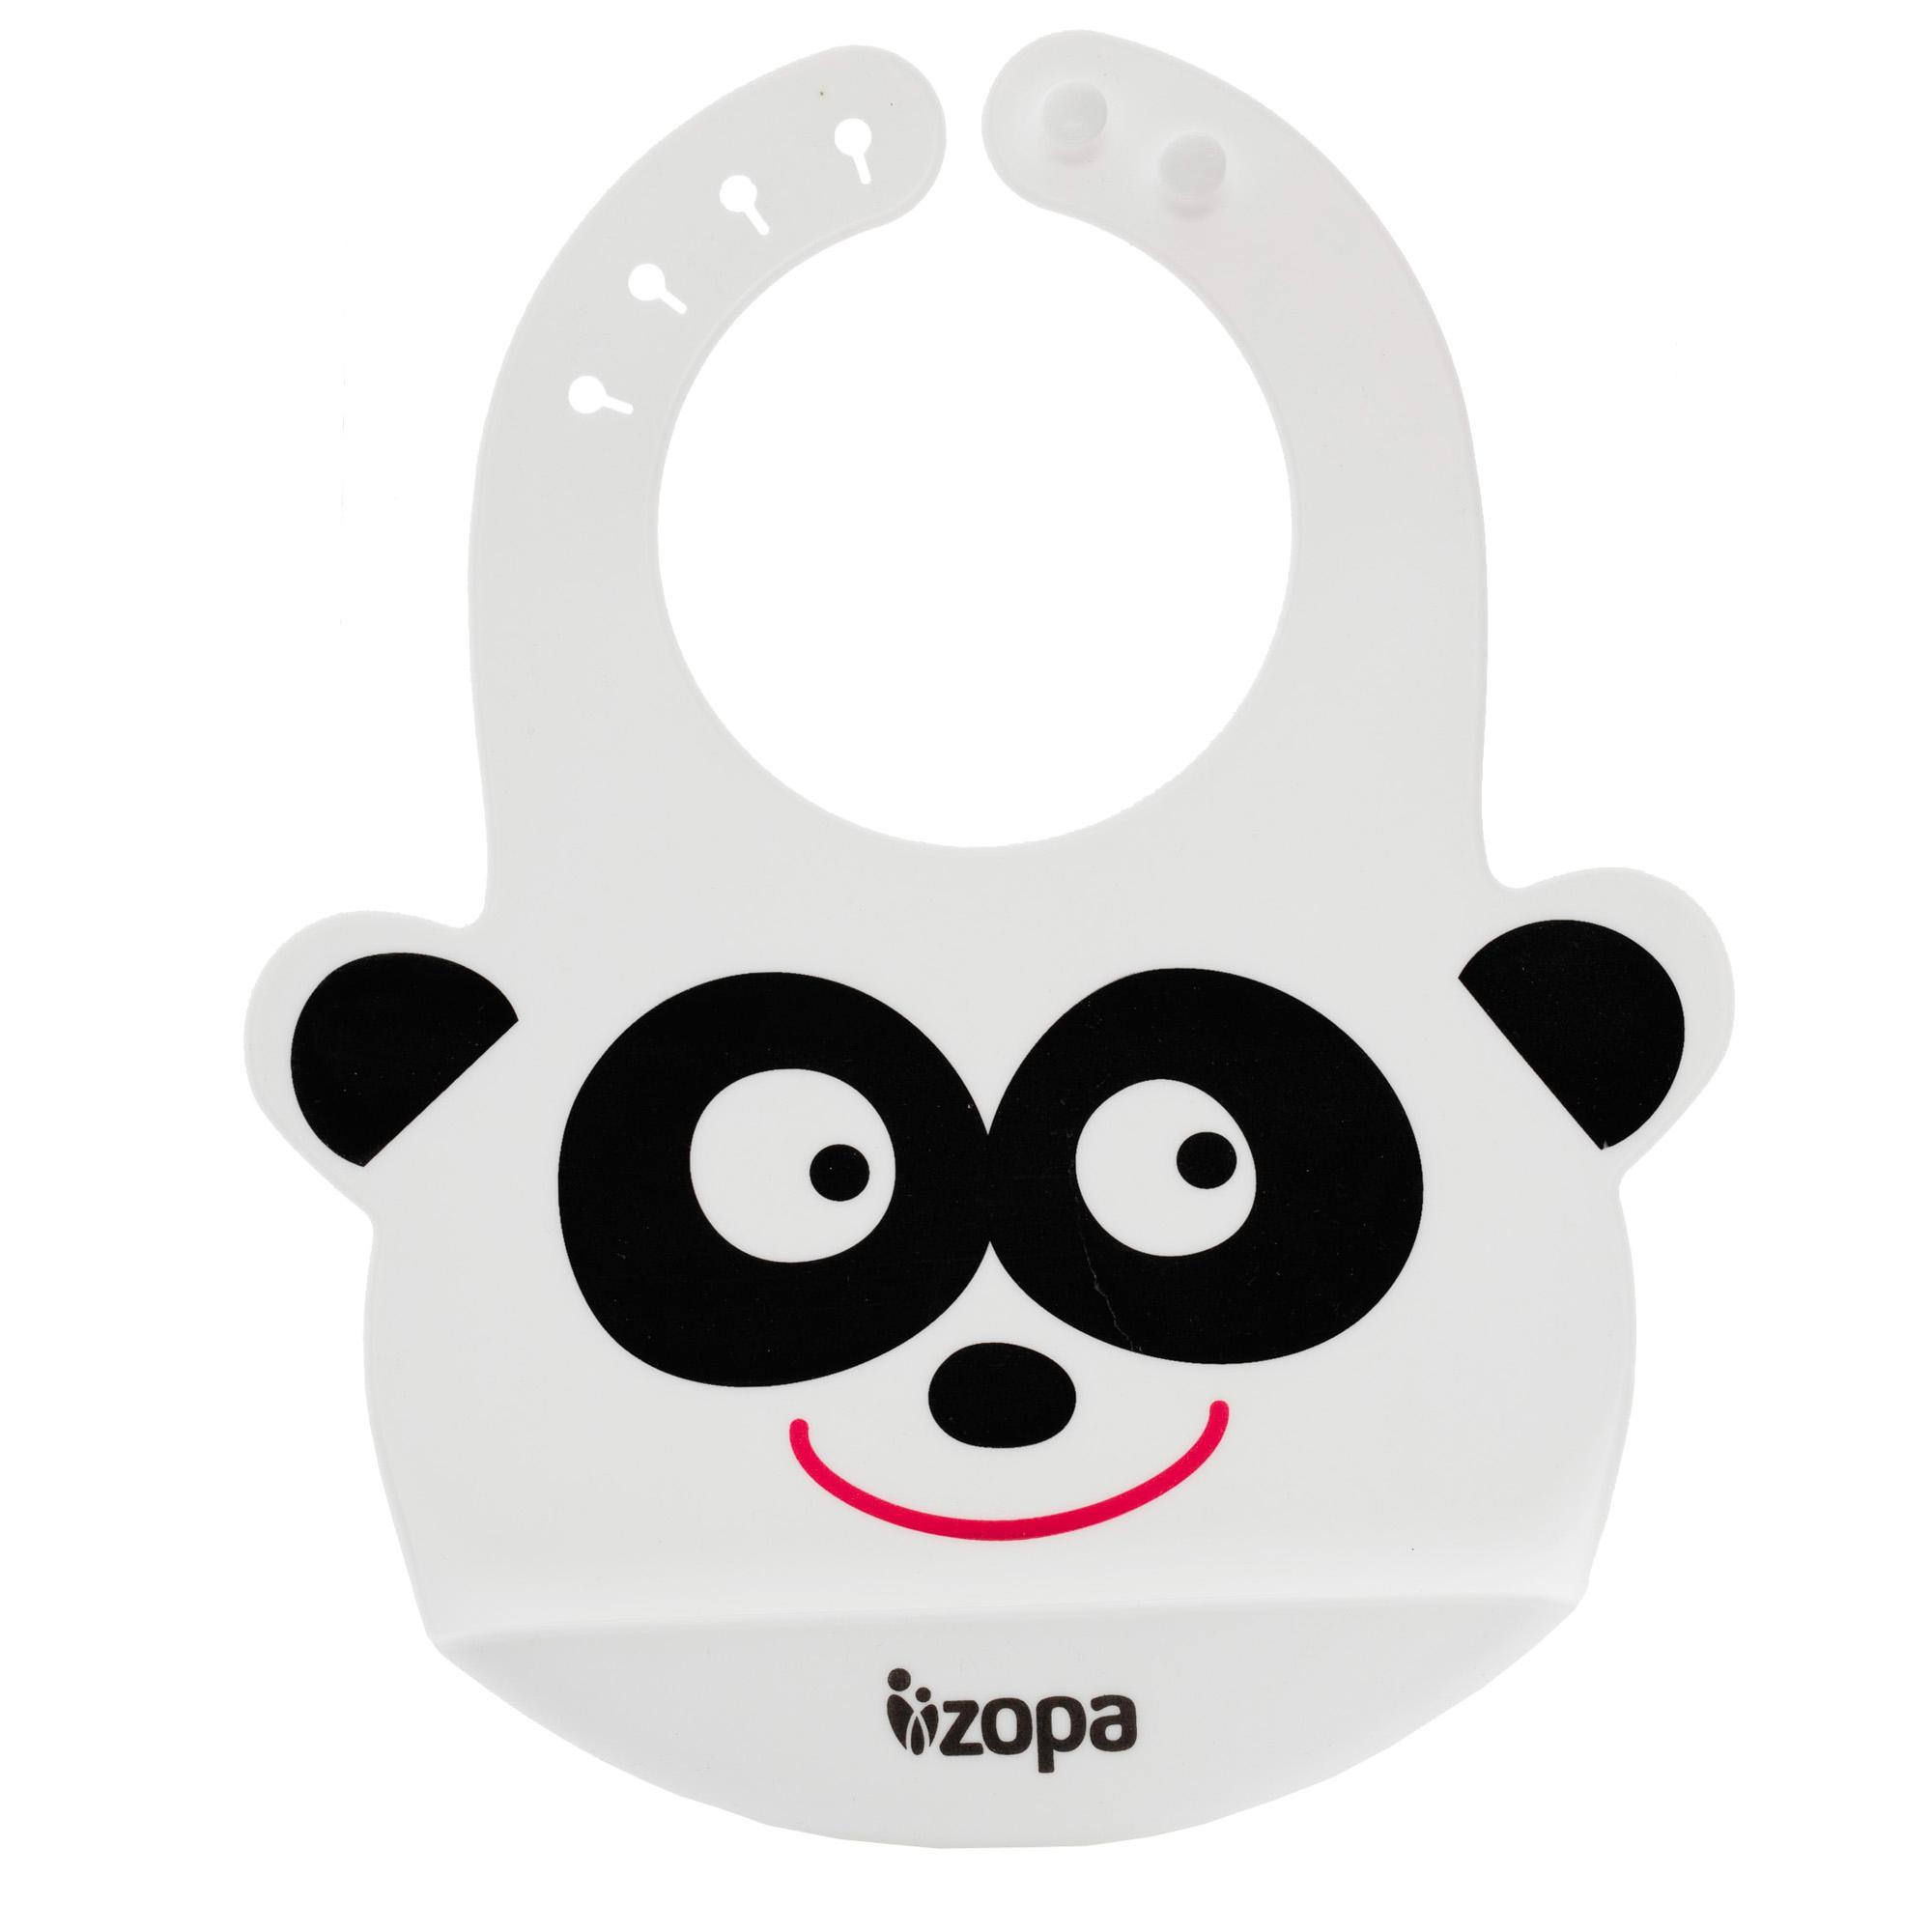 Silikonový bryndák, Panda